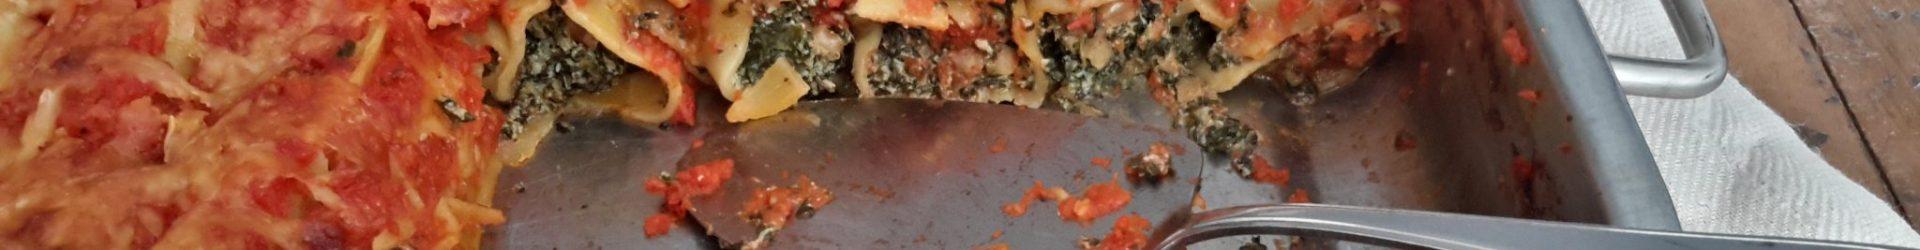 Cannelloni met spinazie, ricotta en walnoten